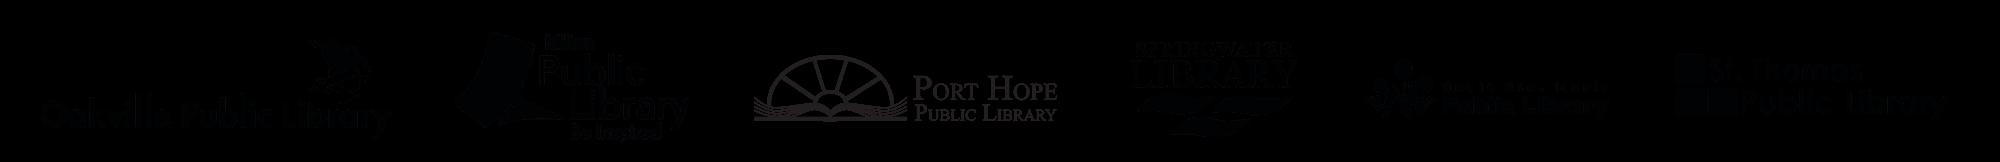 G1.ca Library Partner Logos